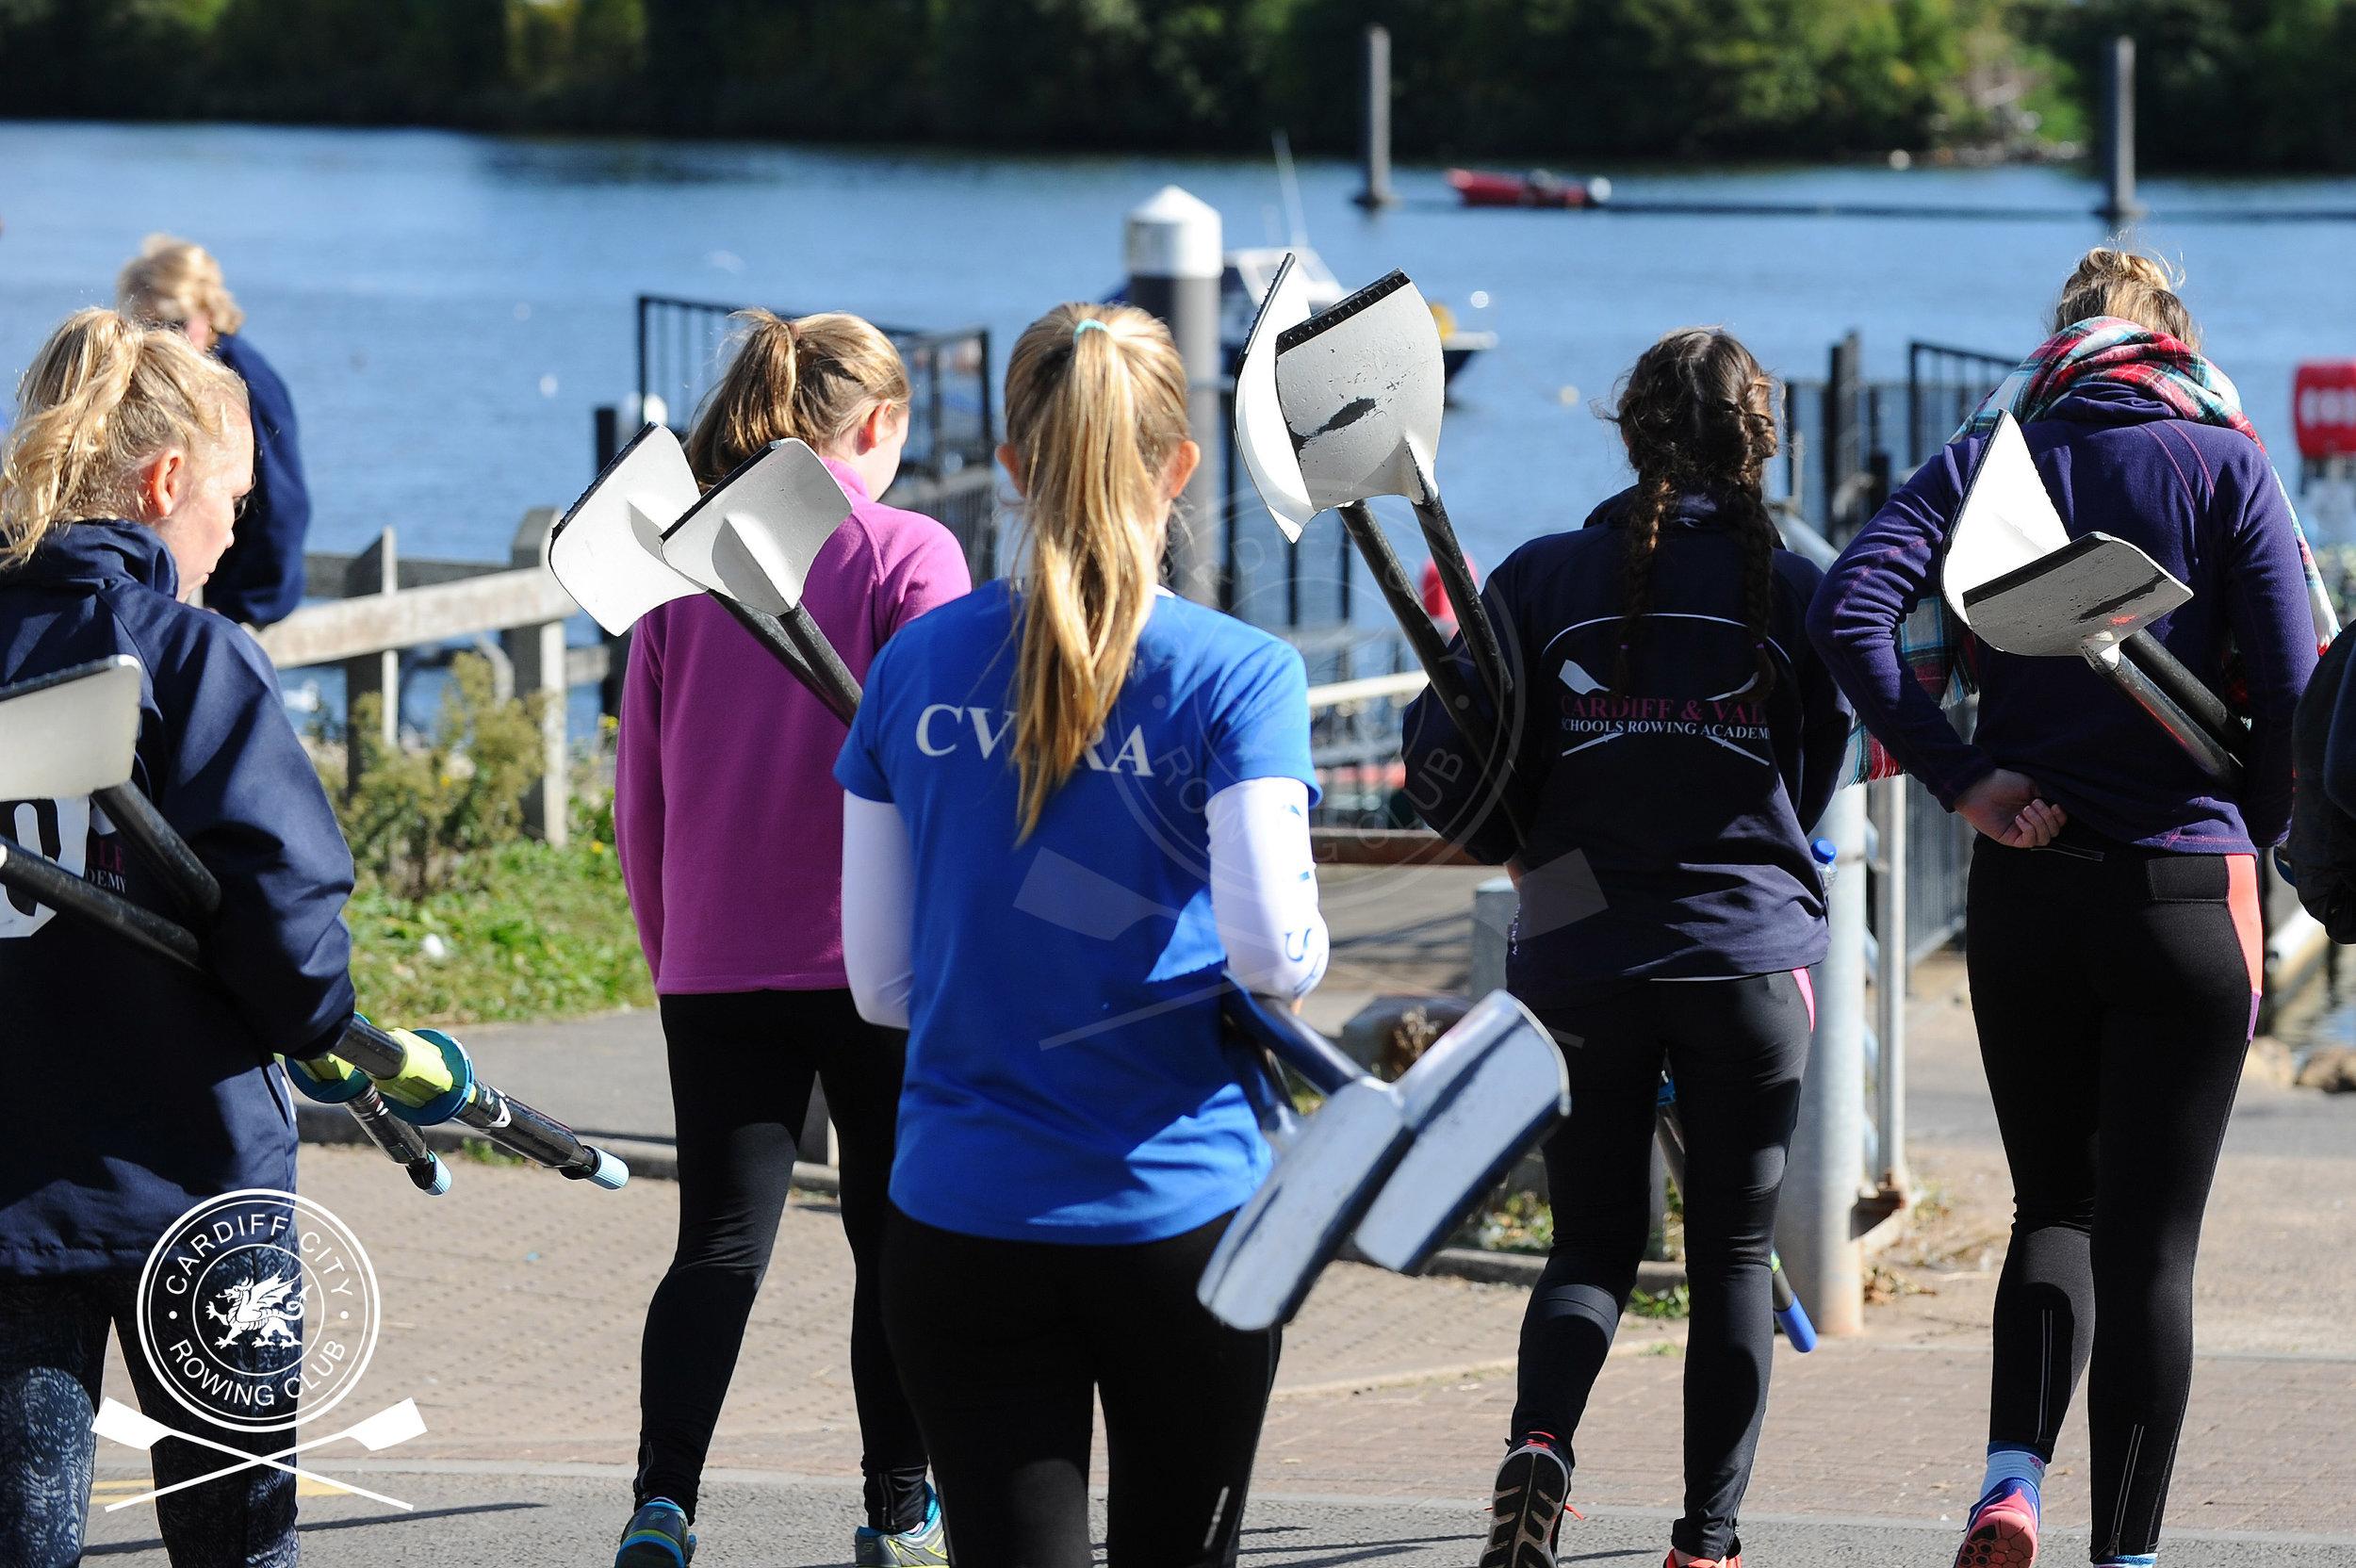 Cardiff_City_Head_Race_129.jpg